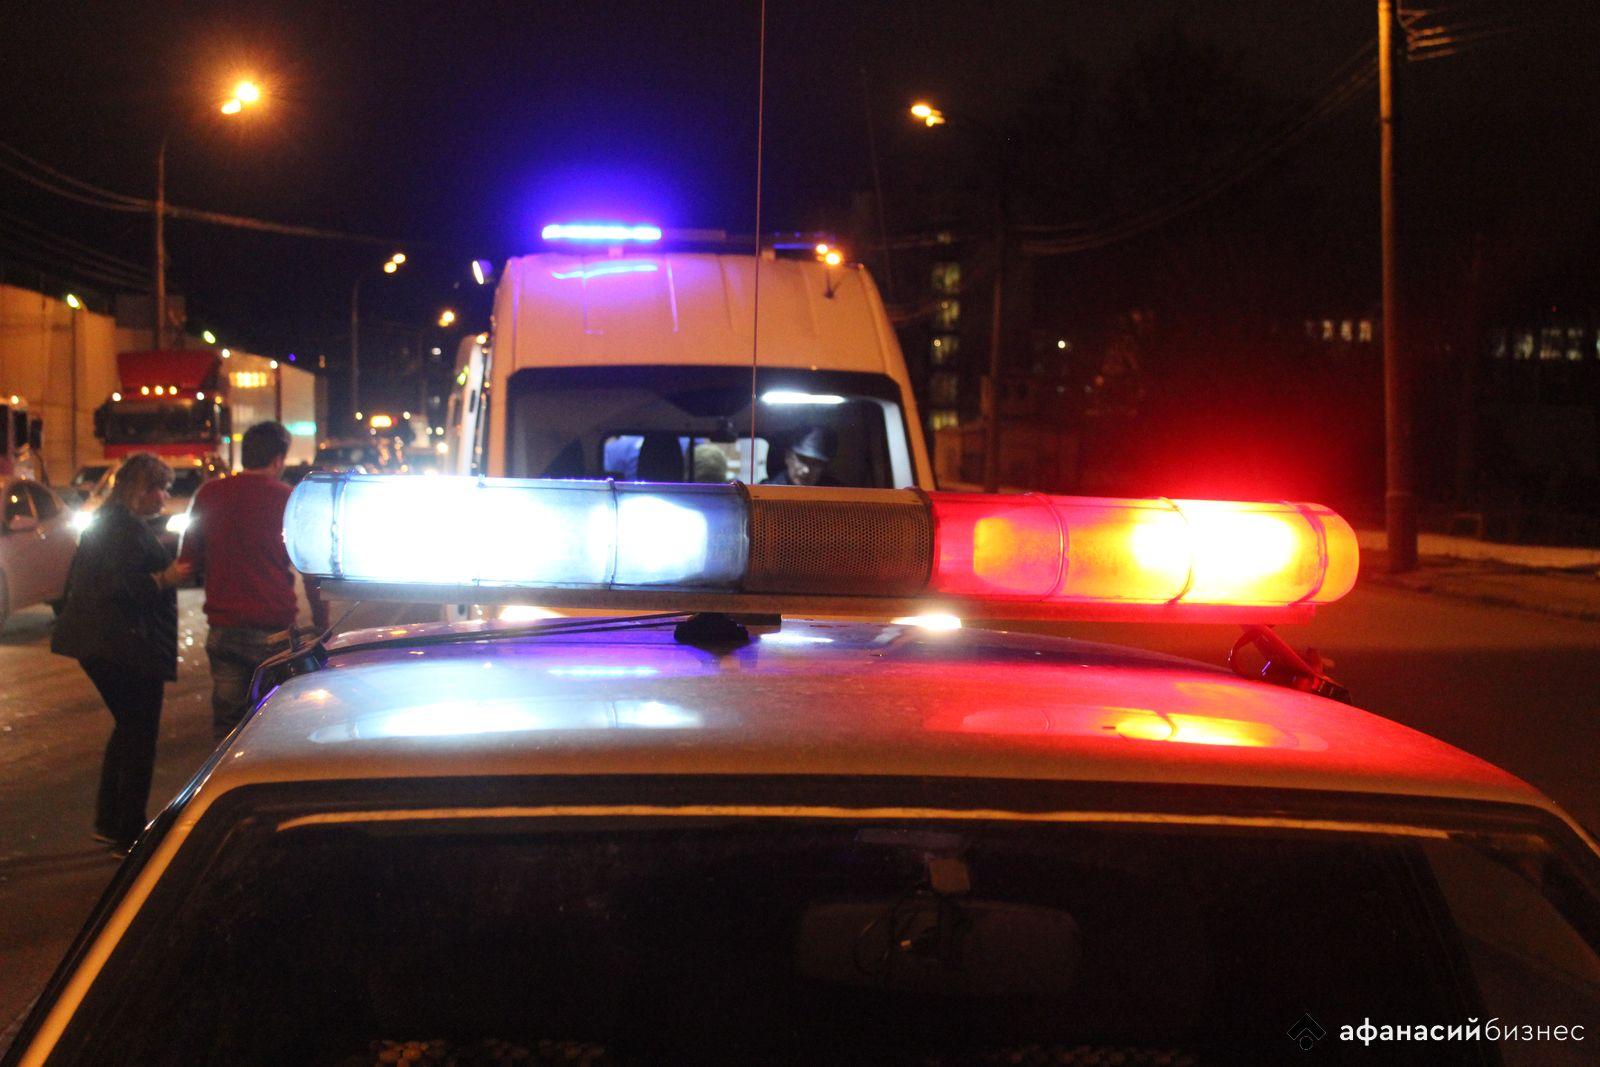 В ДТП в Тверской области пострадал пассажир легковушки - новости Афанасий